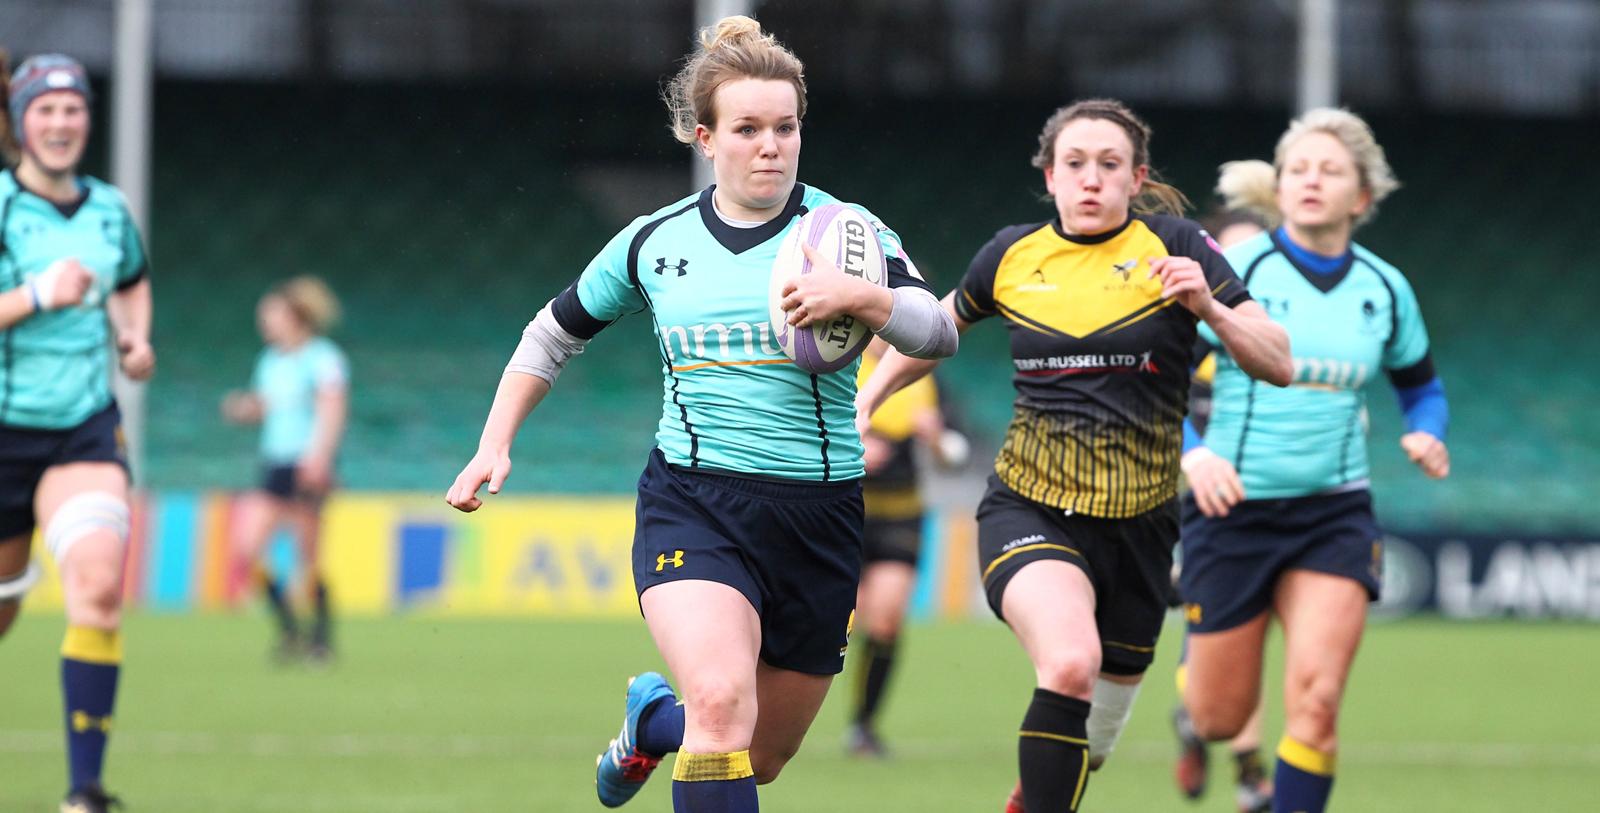 Valkyries vs Bristol Ladies Rugby